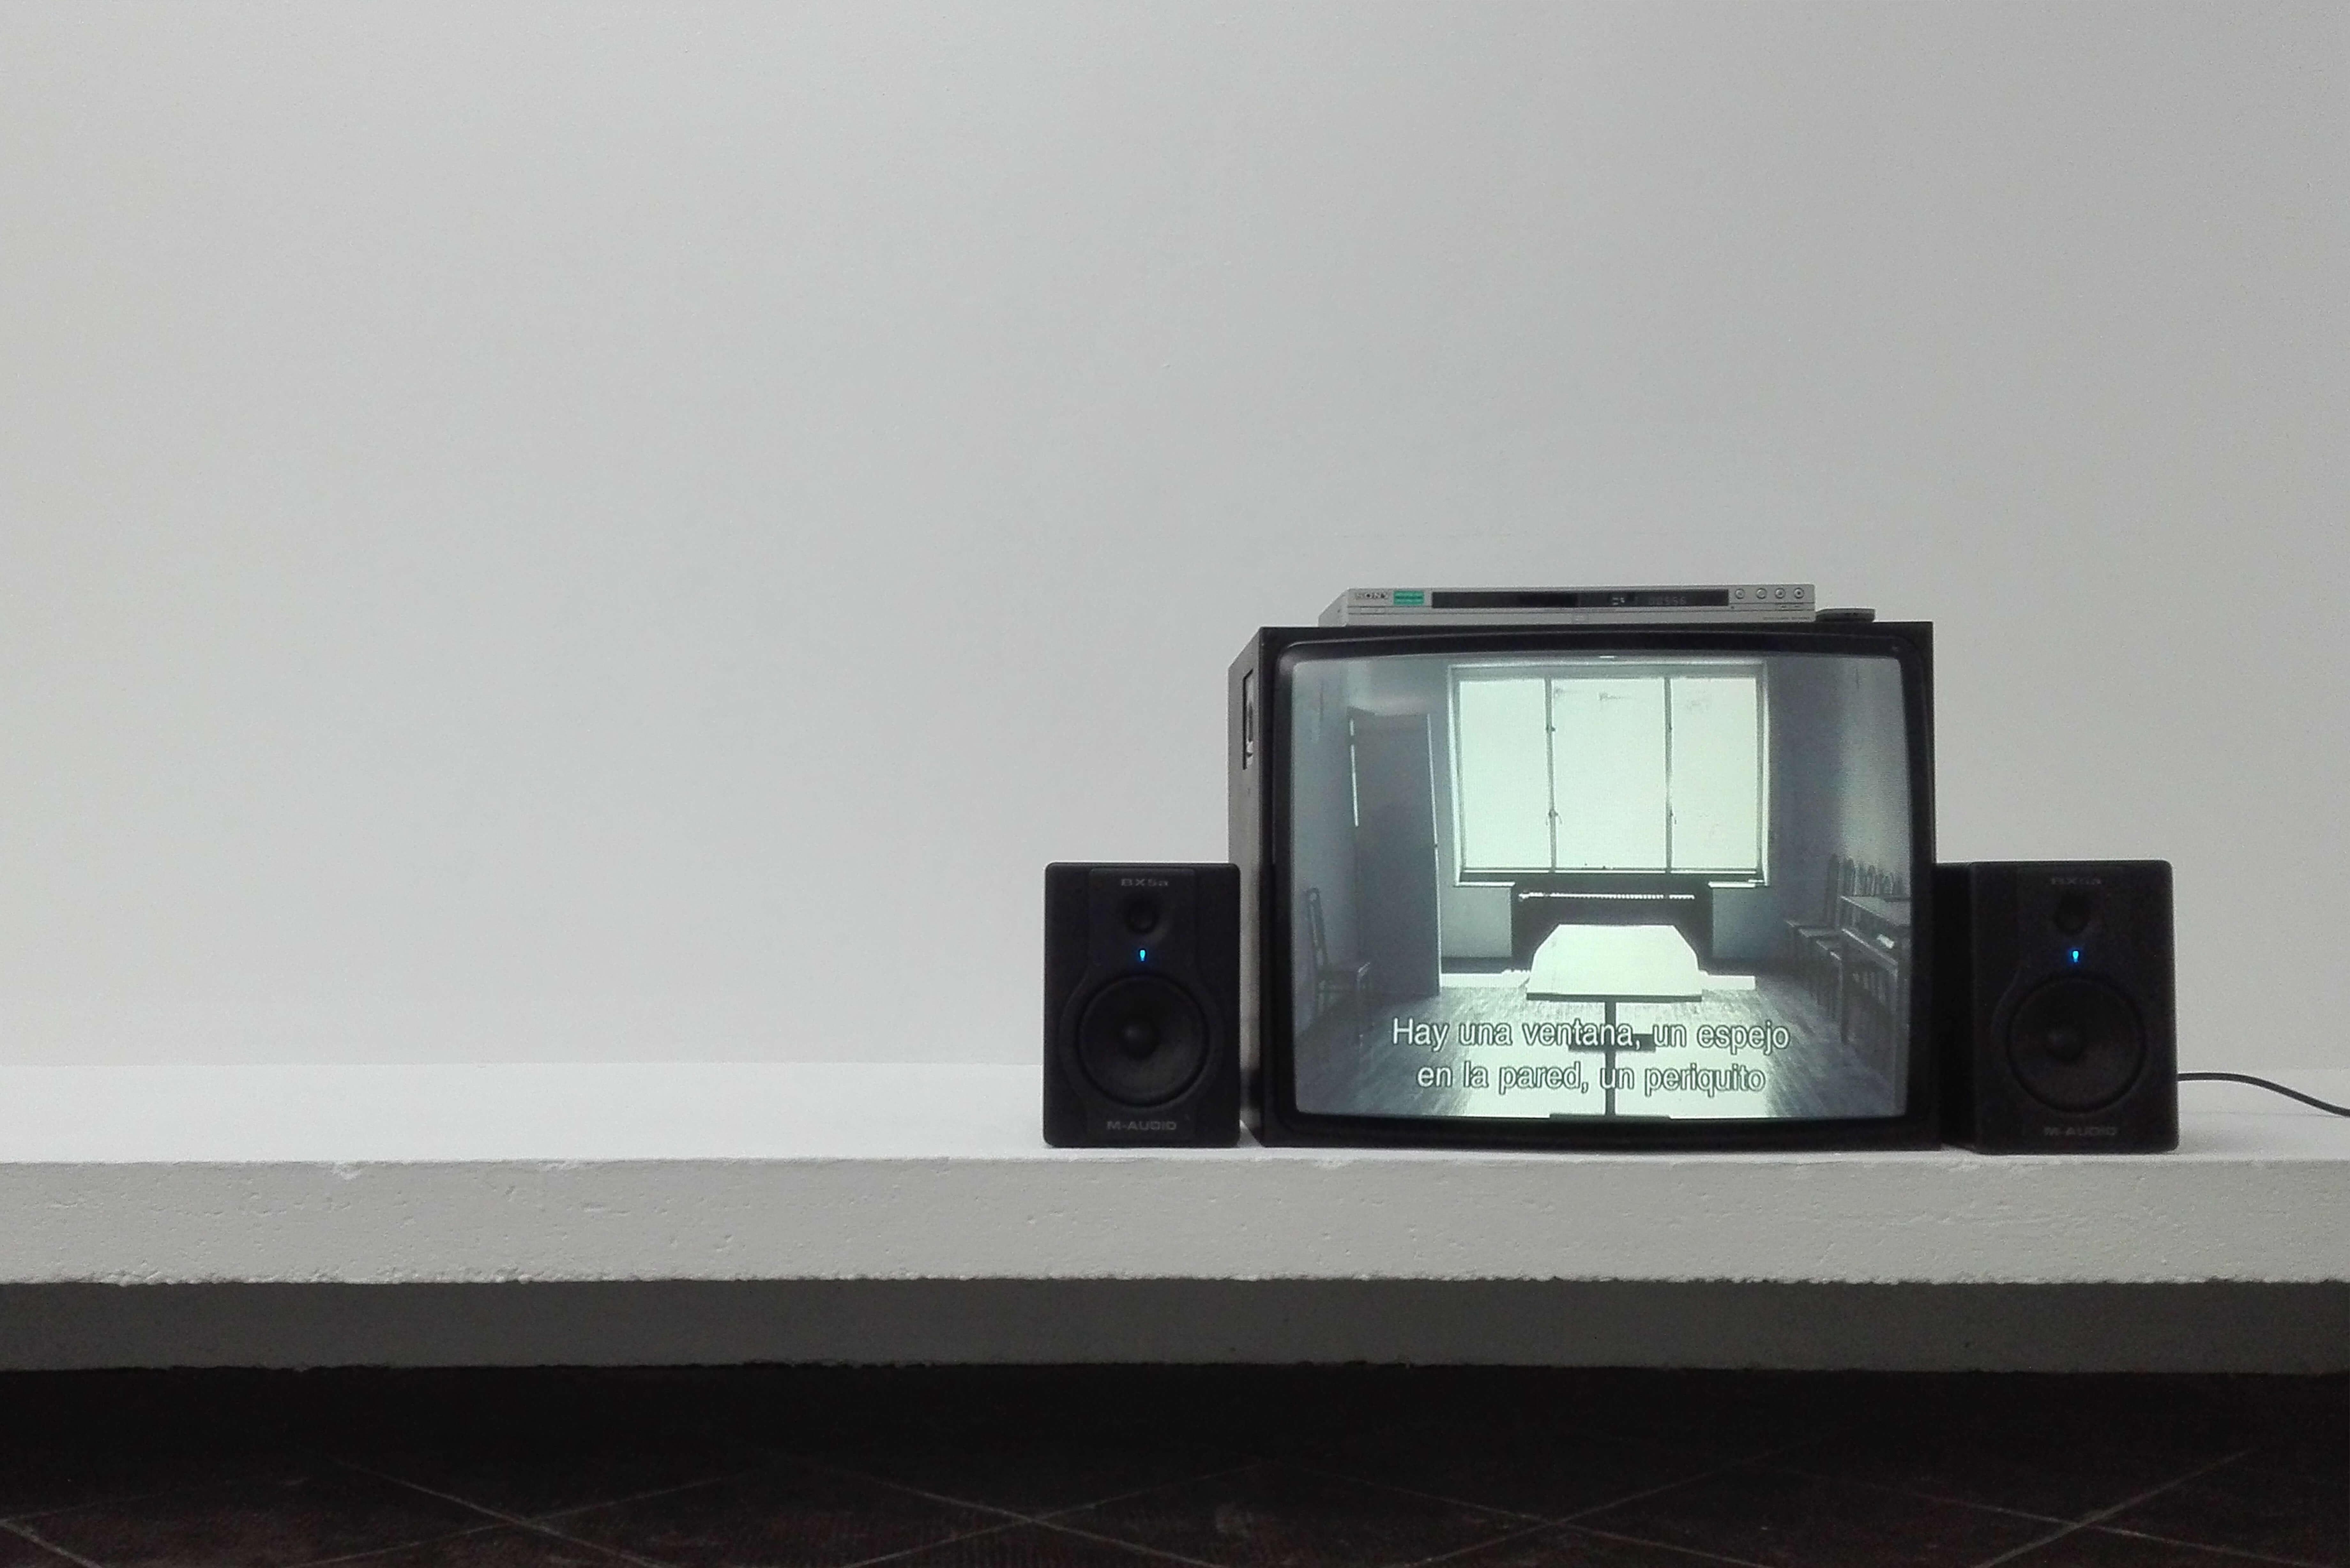 DORA GARCÍA. Film (Hôtel Wolfers), 2007 | Accrochage #2: Escritura Nocturna | ProjecteSD